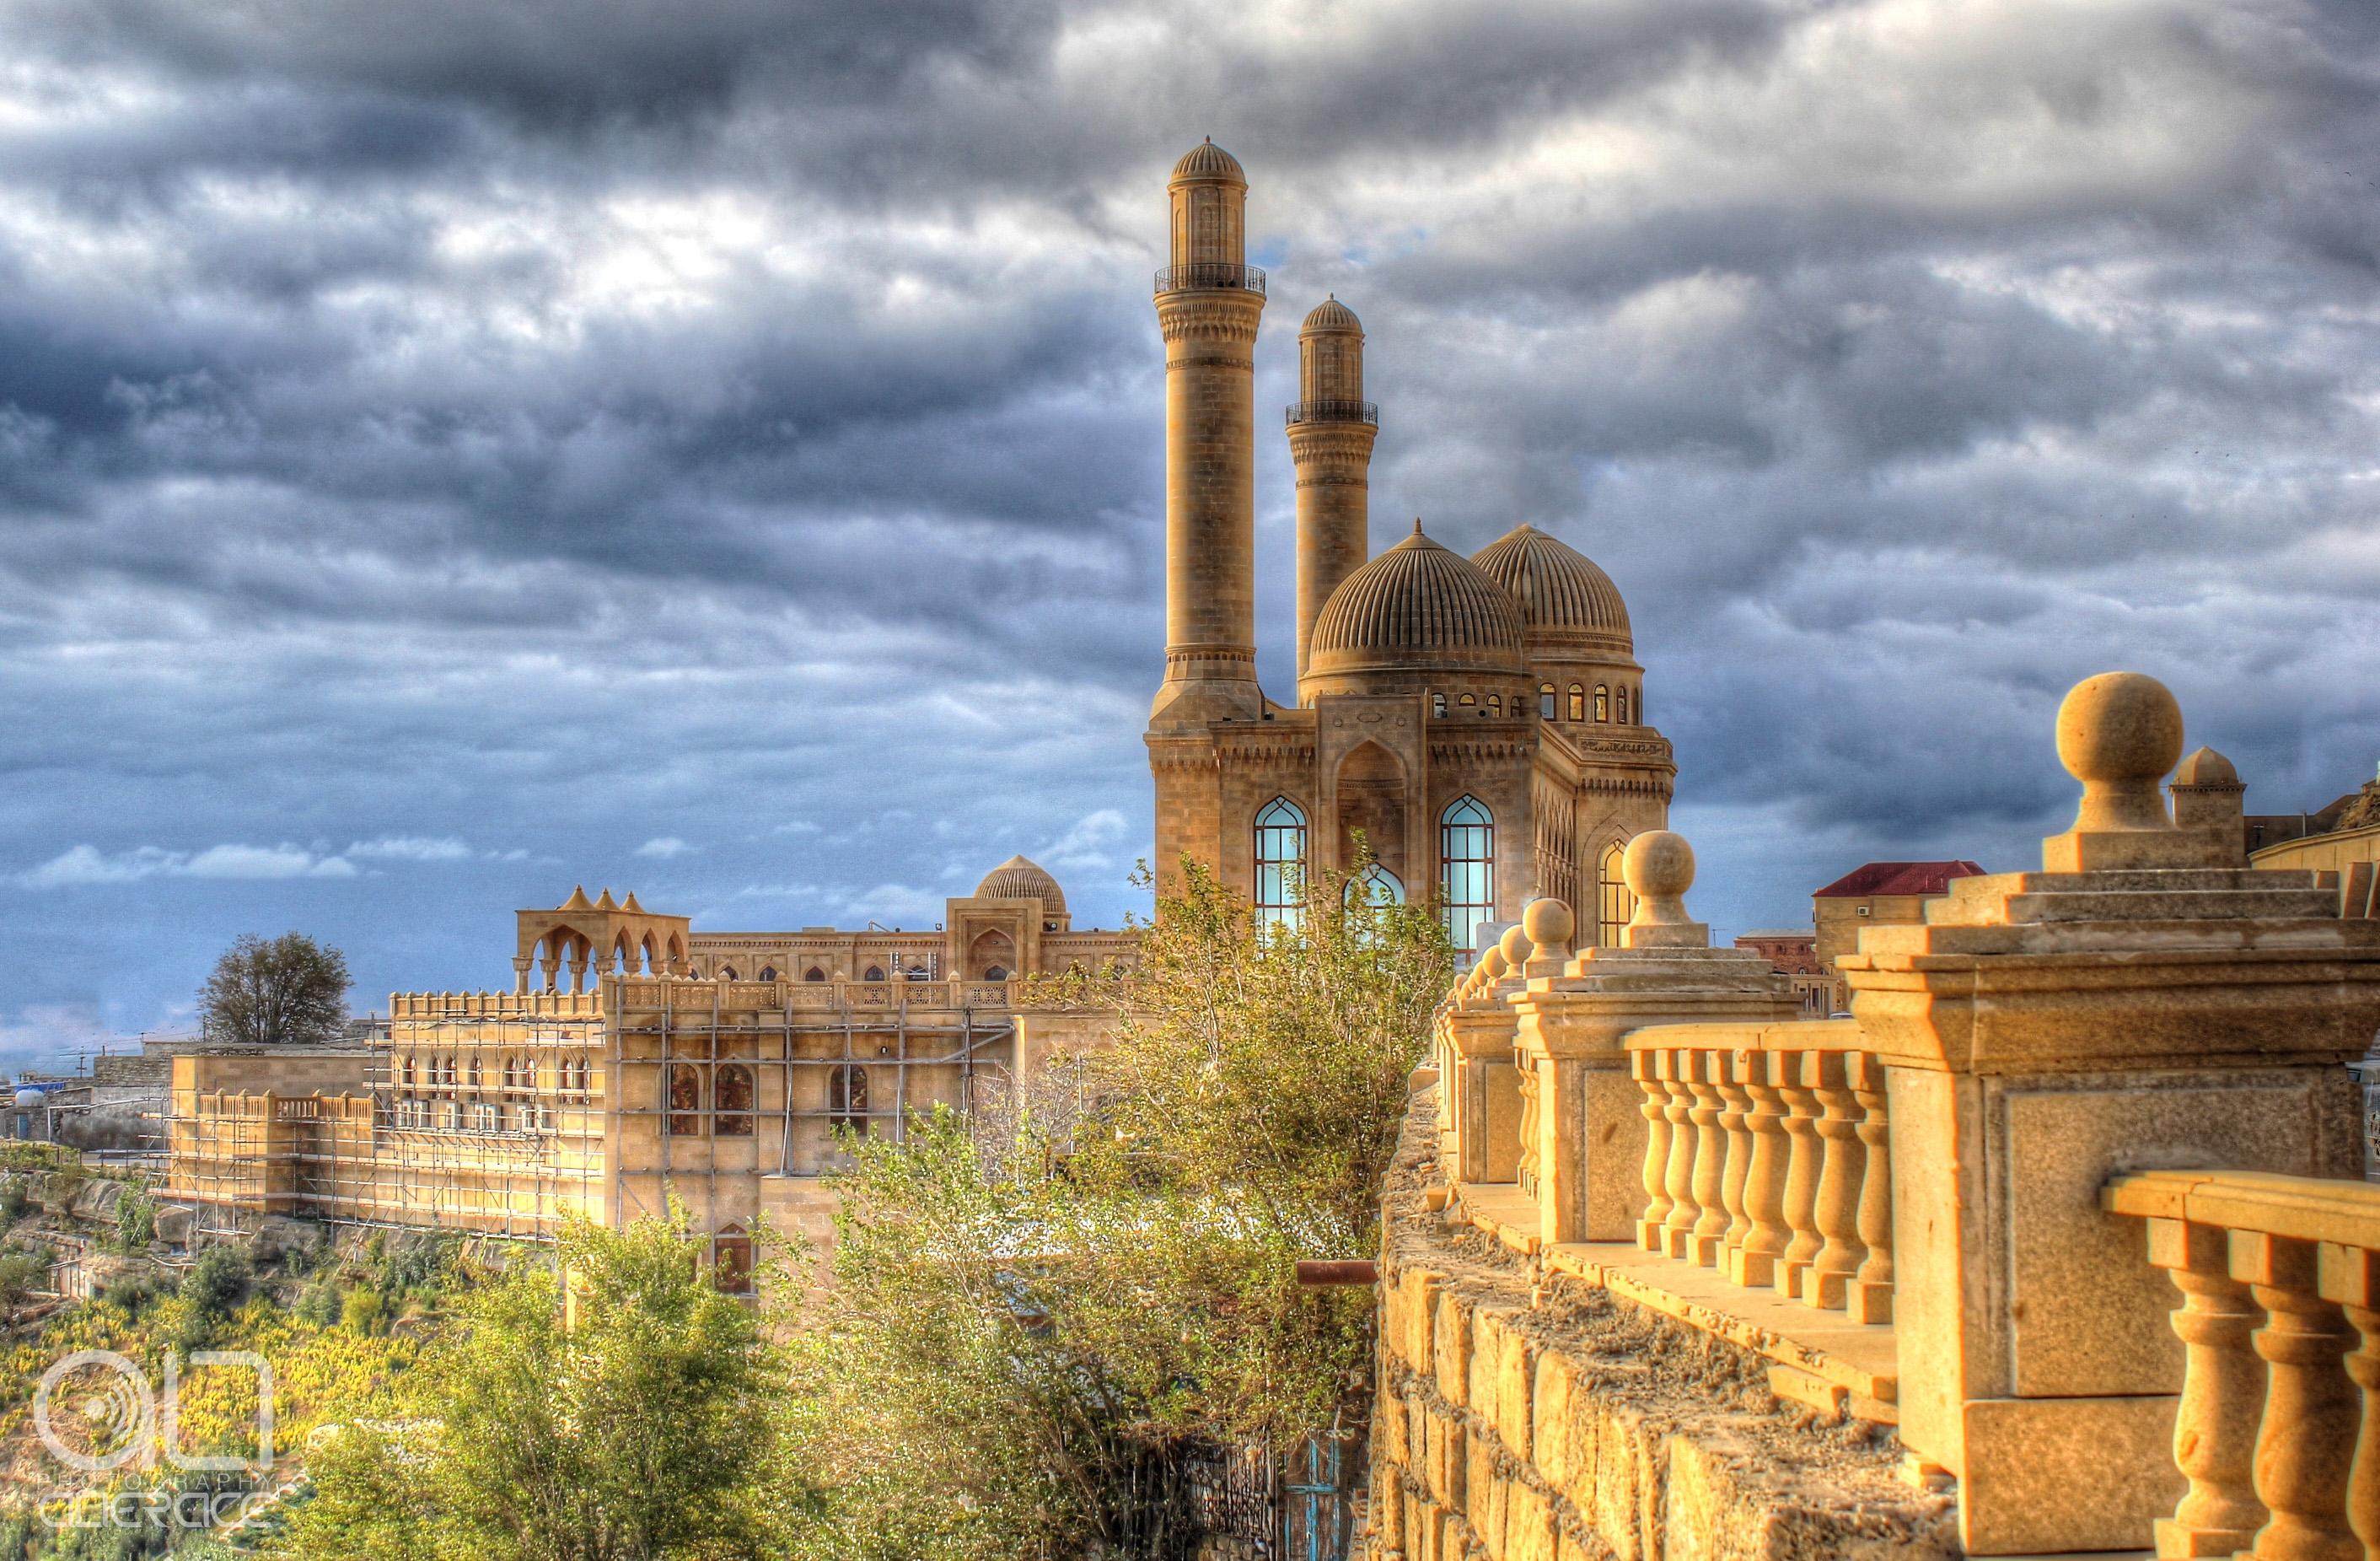 Bibi_Heybet_Moscue_(Baku) (1)